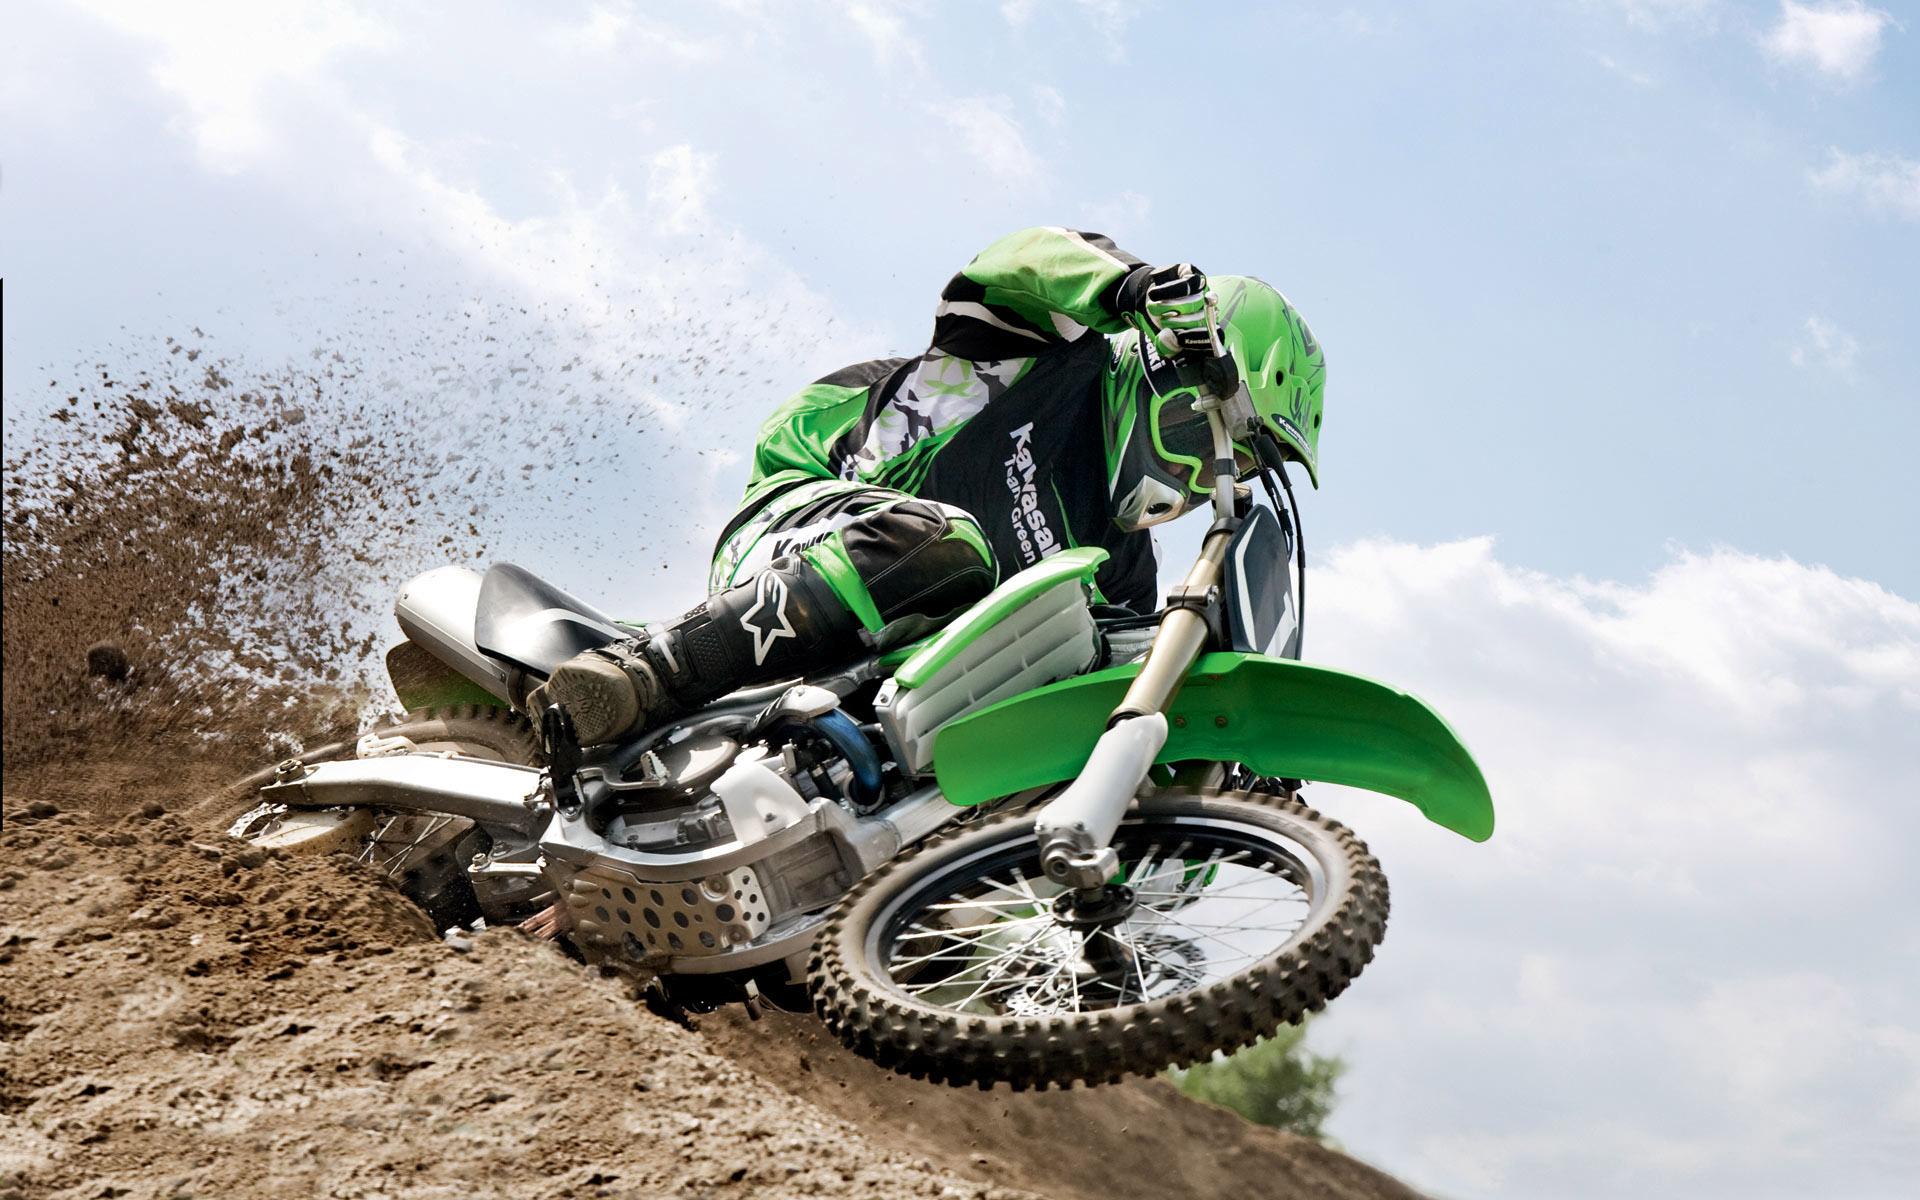 kawasaki motocross stunt high resolution wallpaper